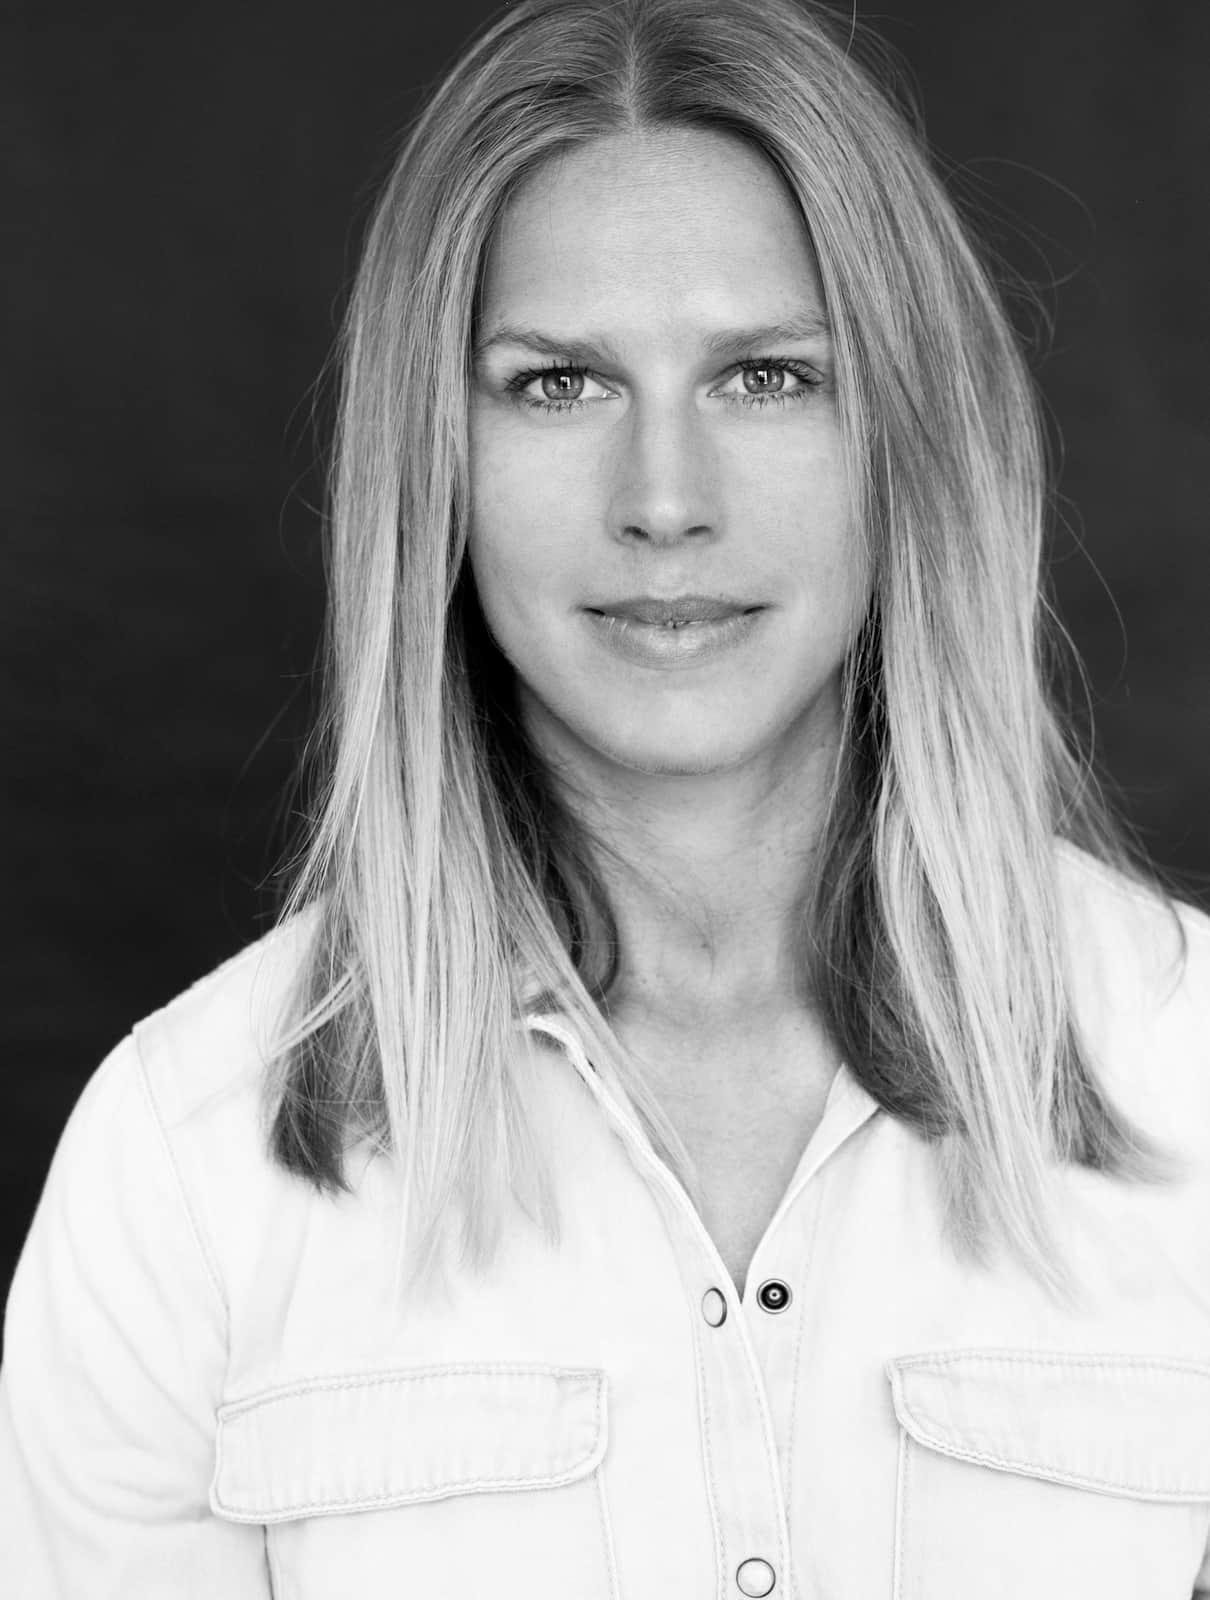 Kommt von Adidas: Nina Wünsch übernimmt die Marketingleitung für Electrolux in Deutschland und Österreich.